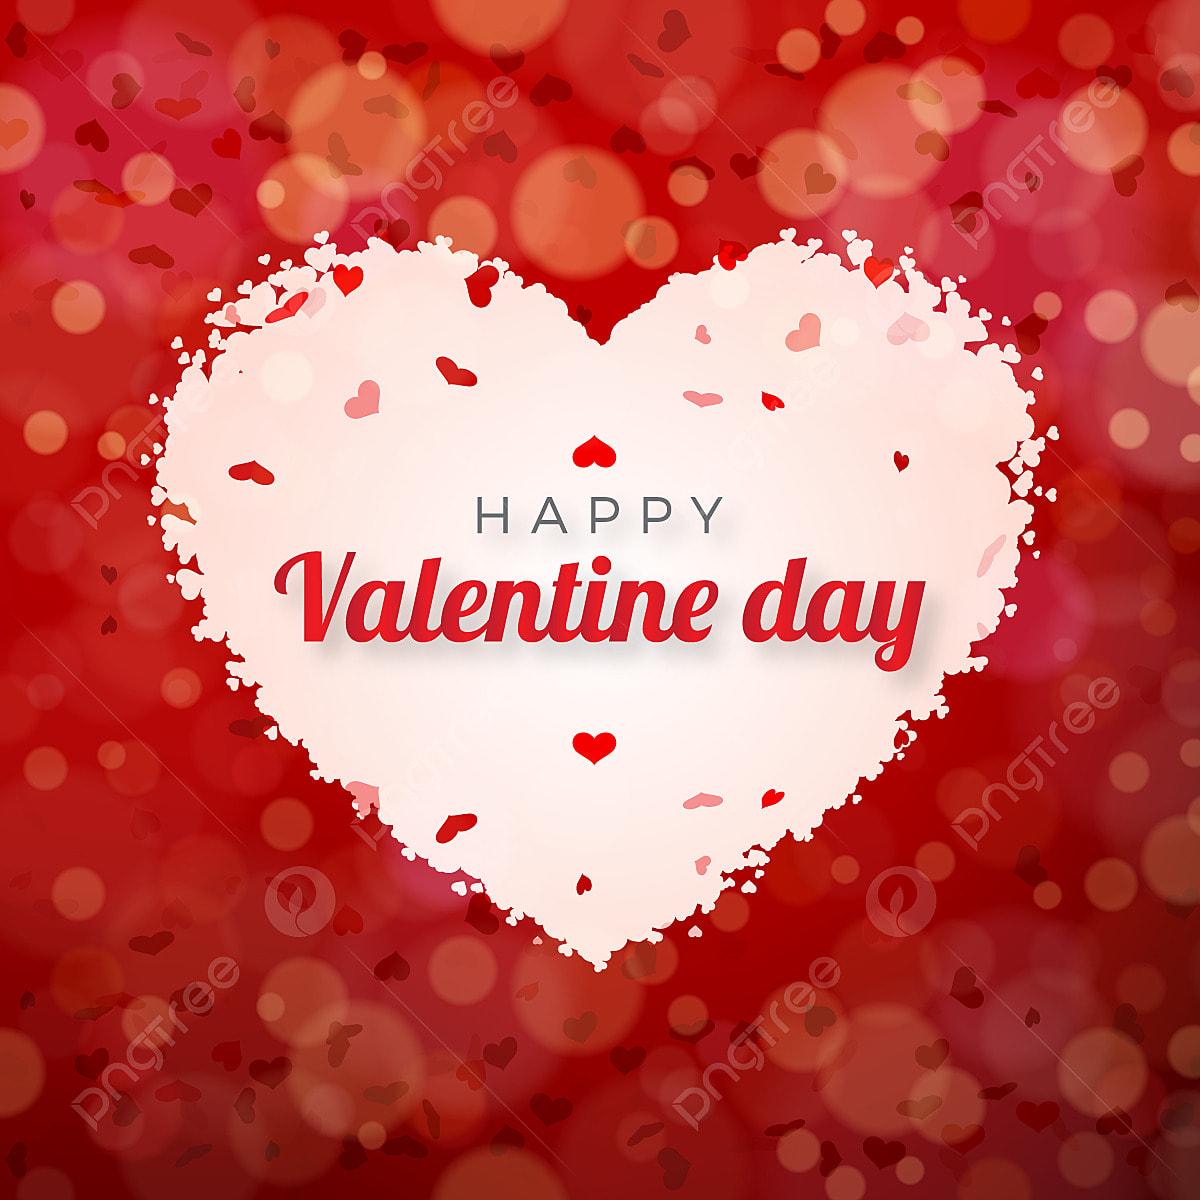 Hearts Bokeh Vector Background Download Free Vector Art